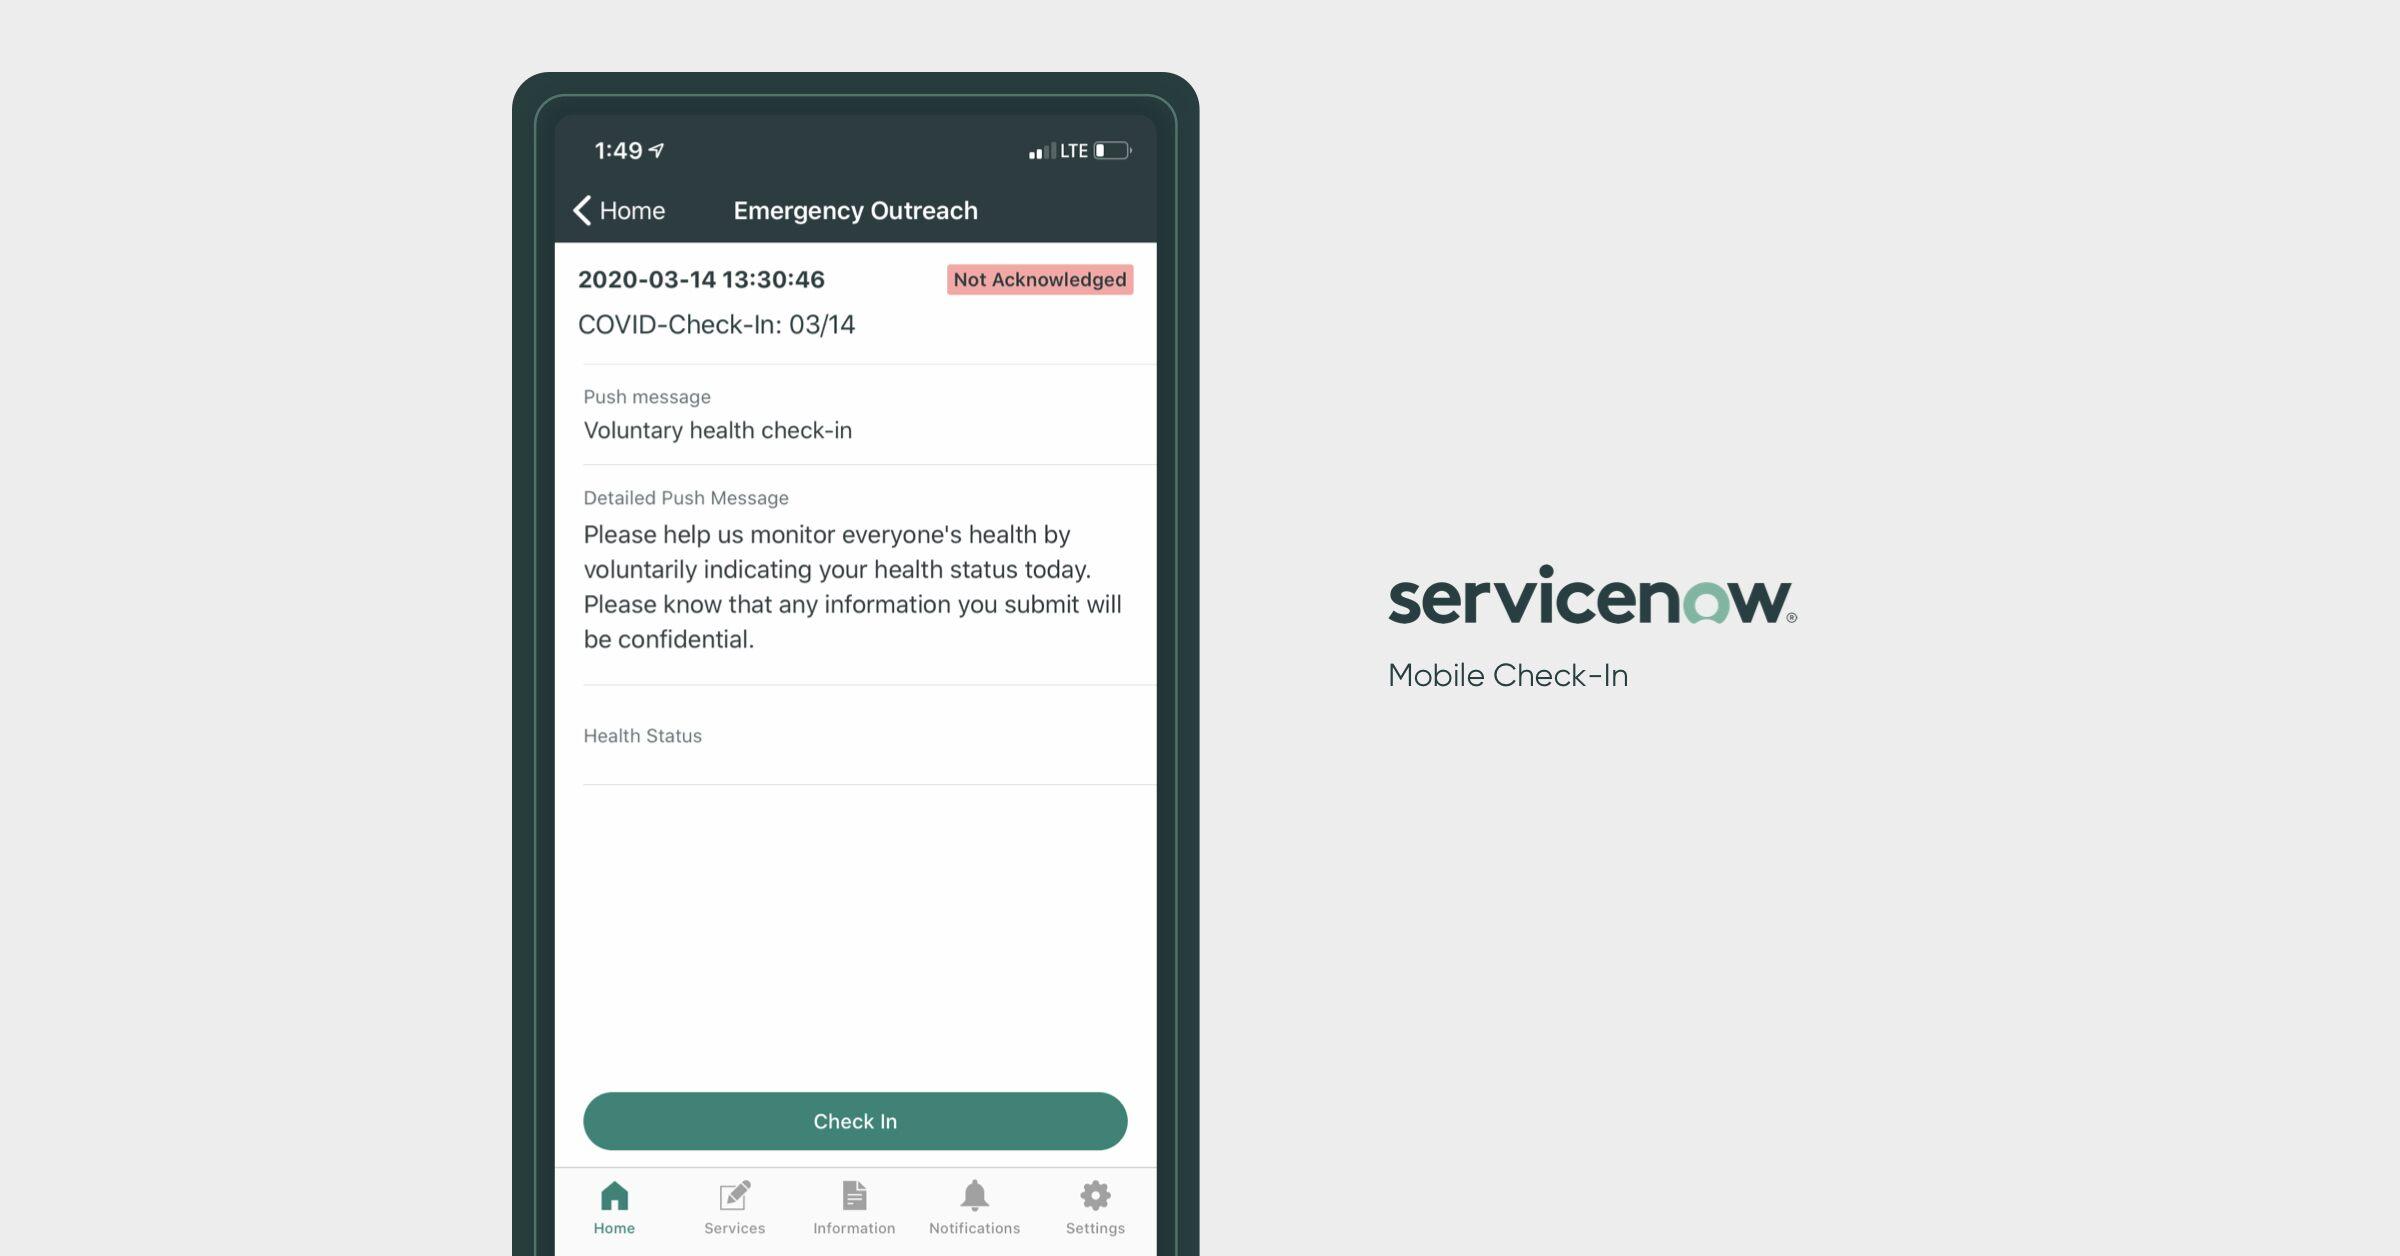 mobile-check-in-app